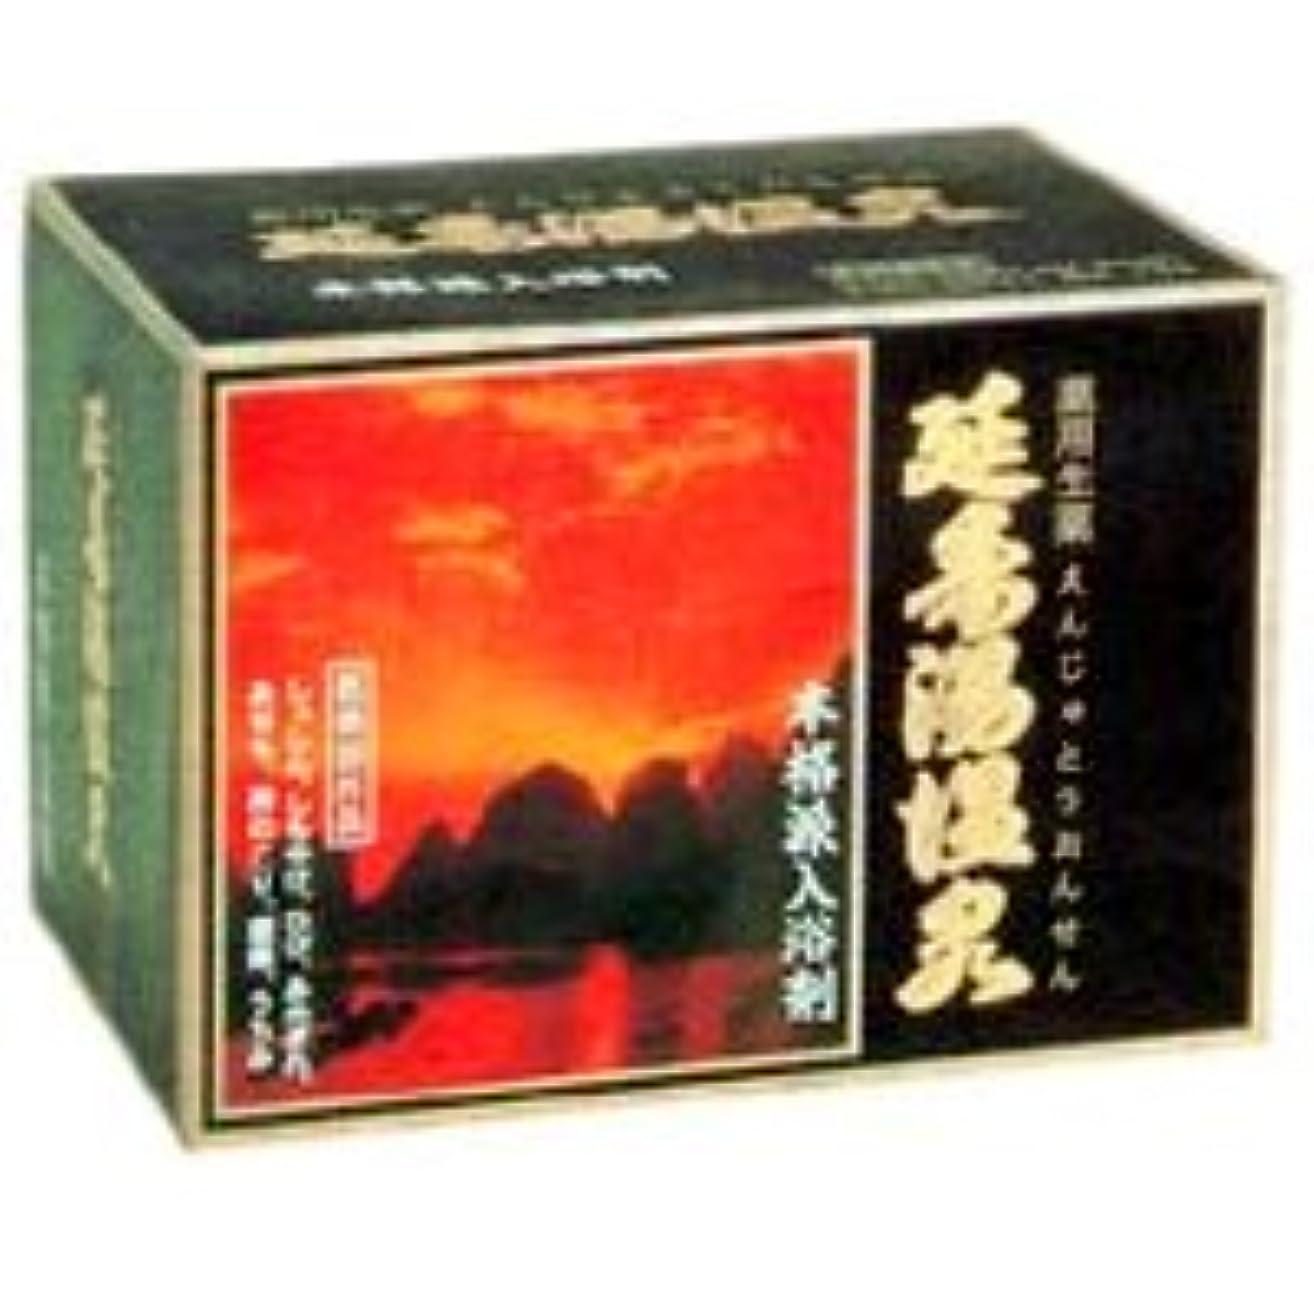 財政タイヤ聴衆入浴剤 延寿湯温泉(えんじゅとう)12包入×3箱+5包おまけ 天然生薬配合 医薬部外品